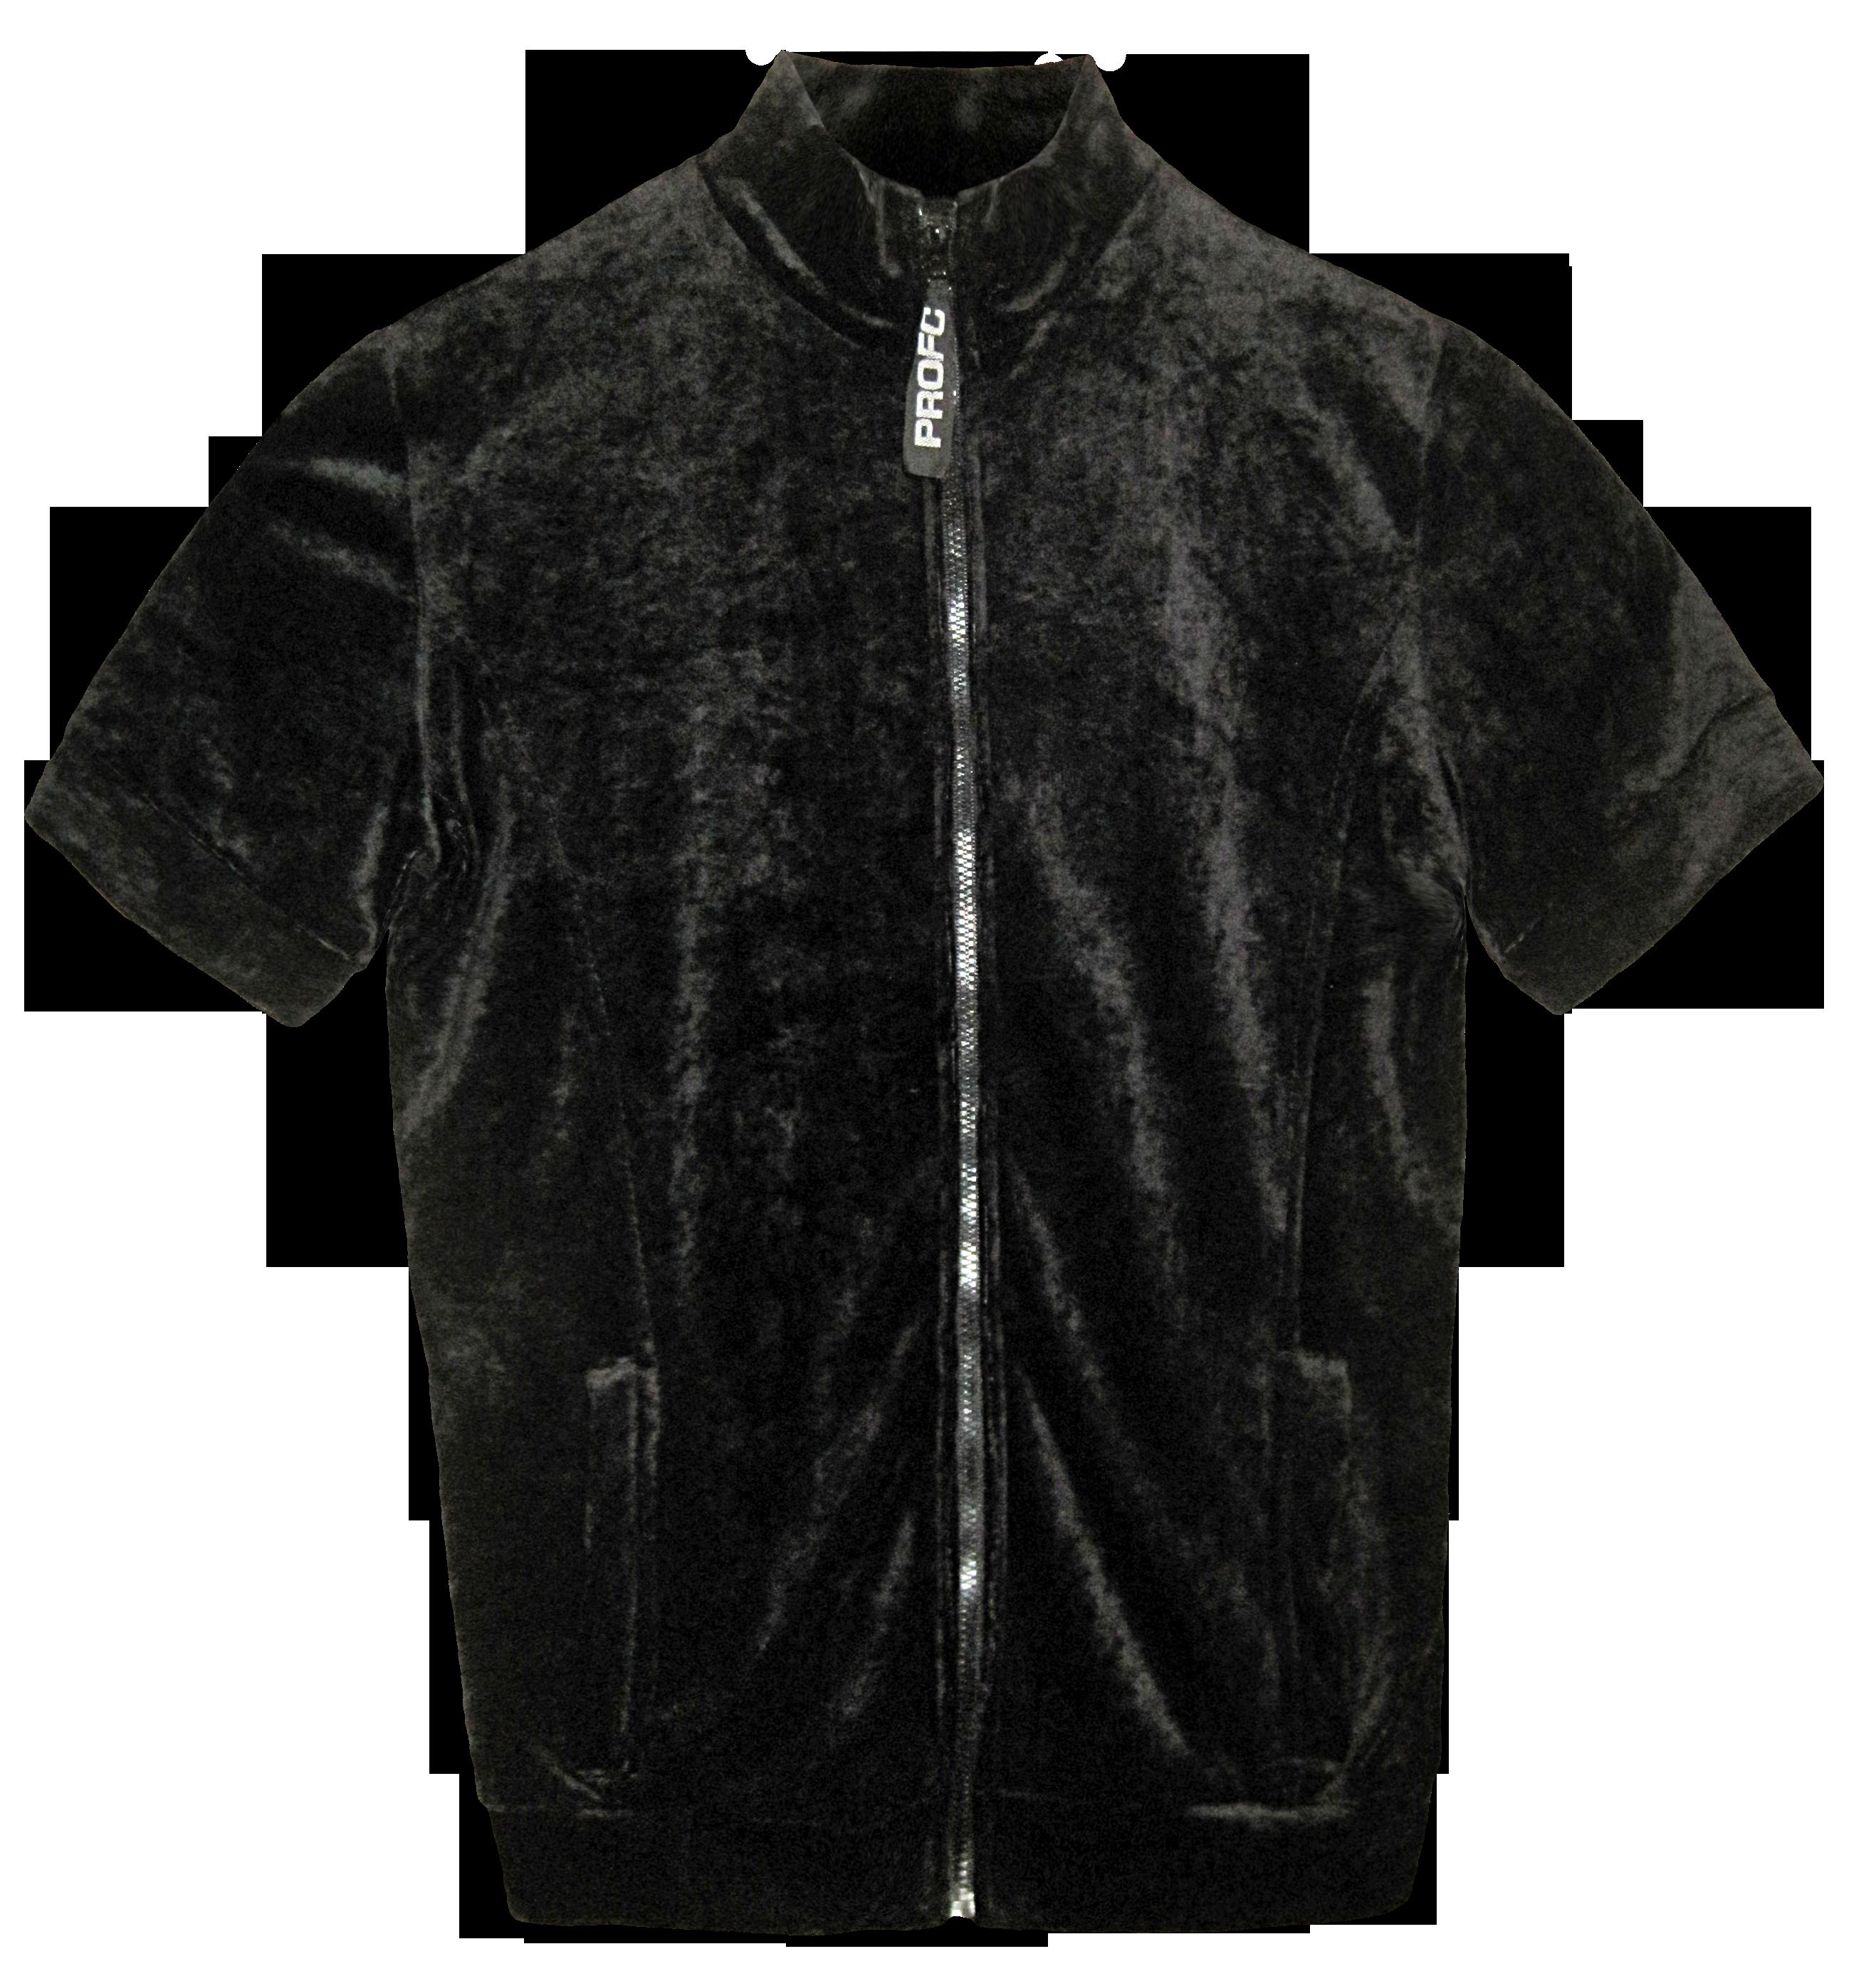 Сбор заказов. Распродажа! Спортивный велюровый костюм с шортами 350 р! А также много спортивной одежды для всей семьи. Без рядов.